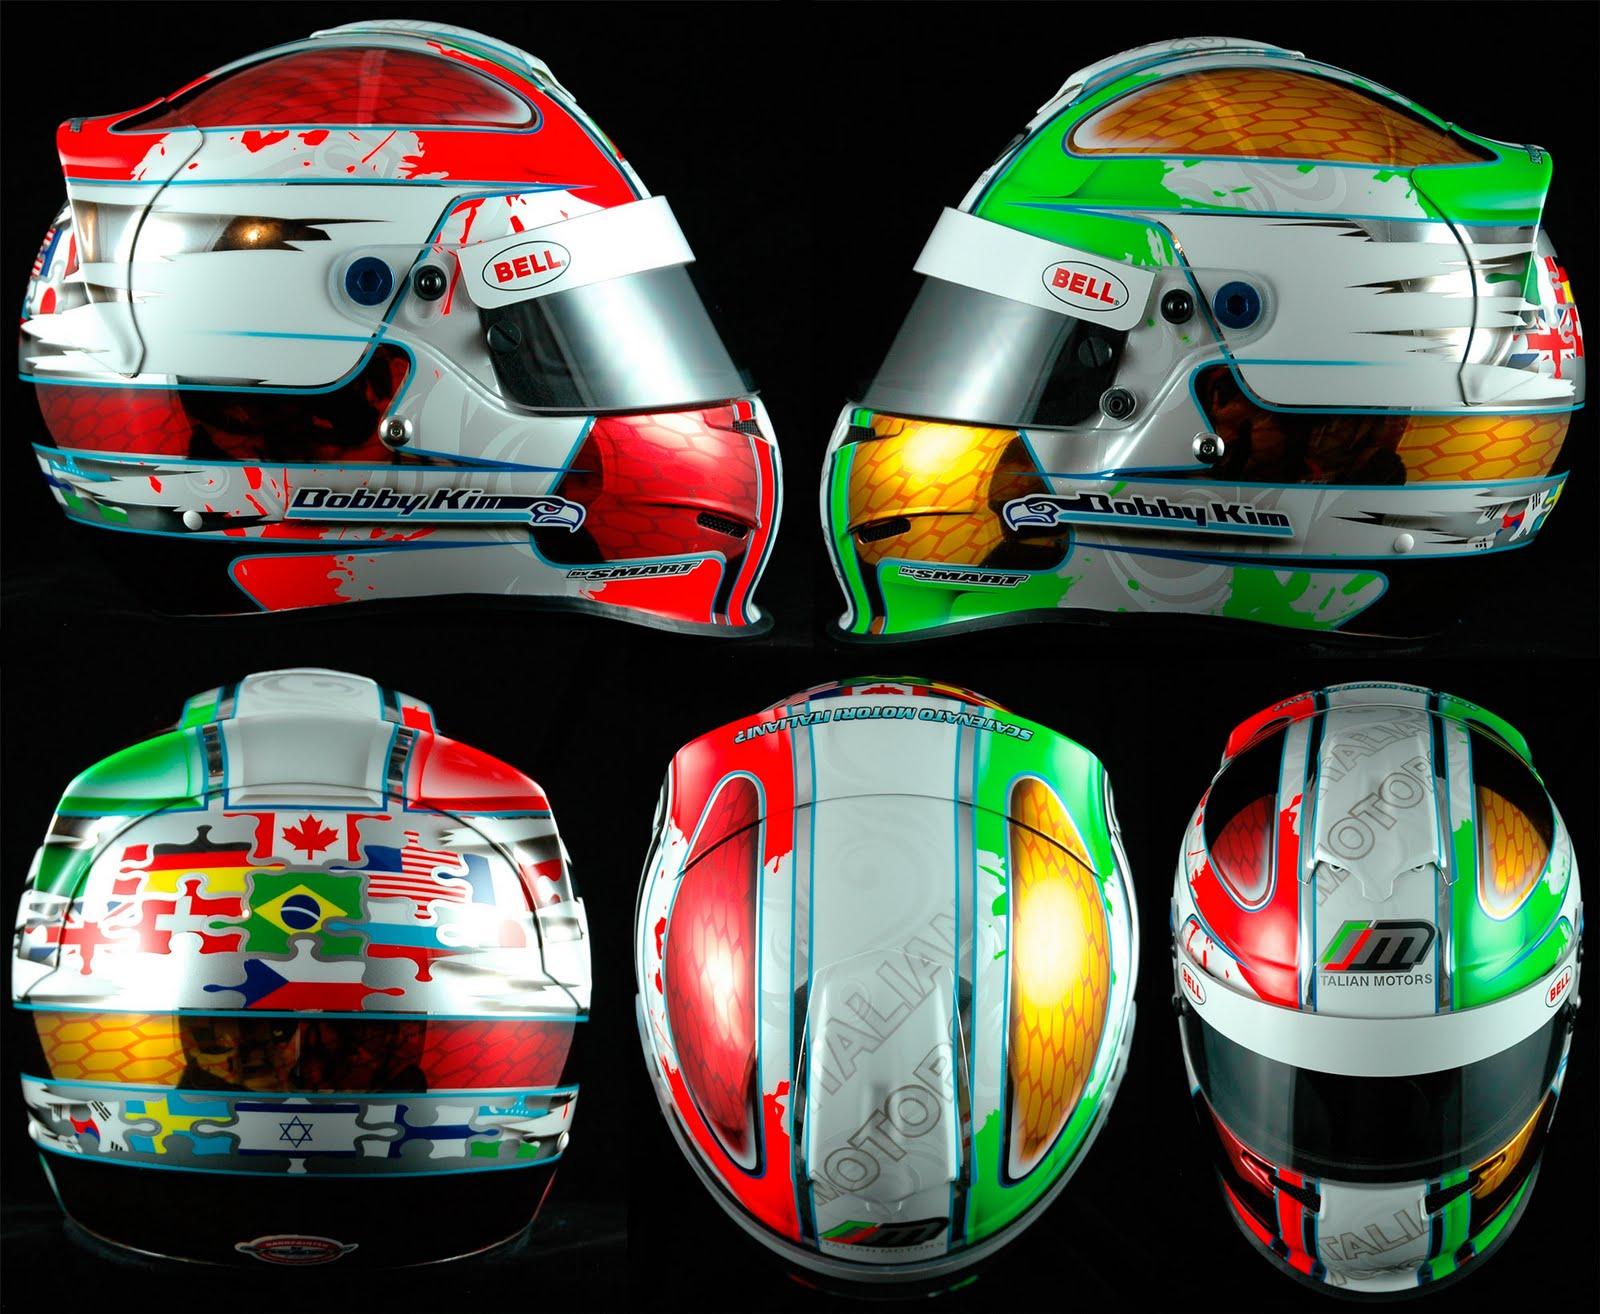 Fabmx1 187 Smart Race Paint Nous Fait Mal Aux Yeux